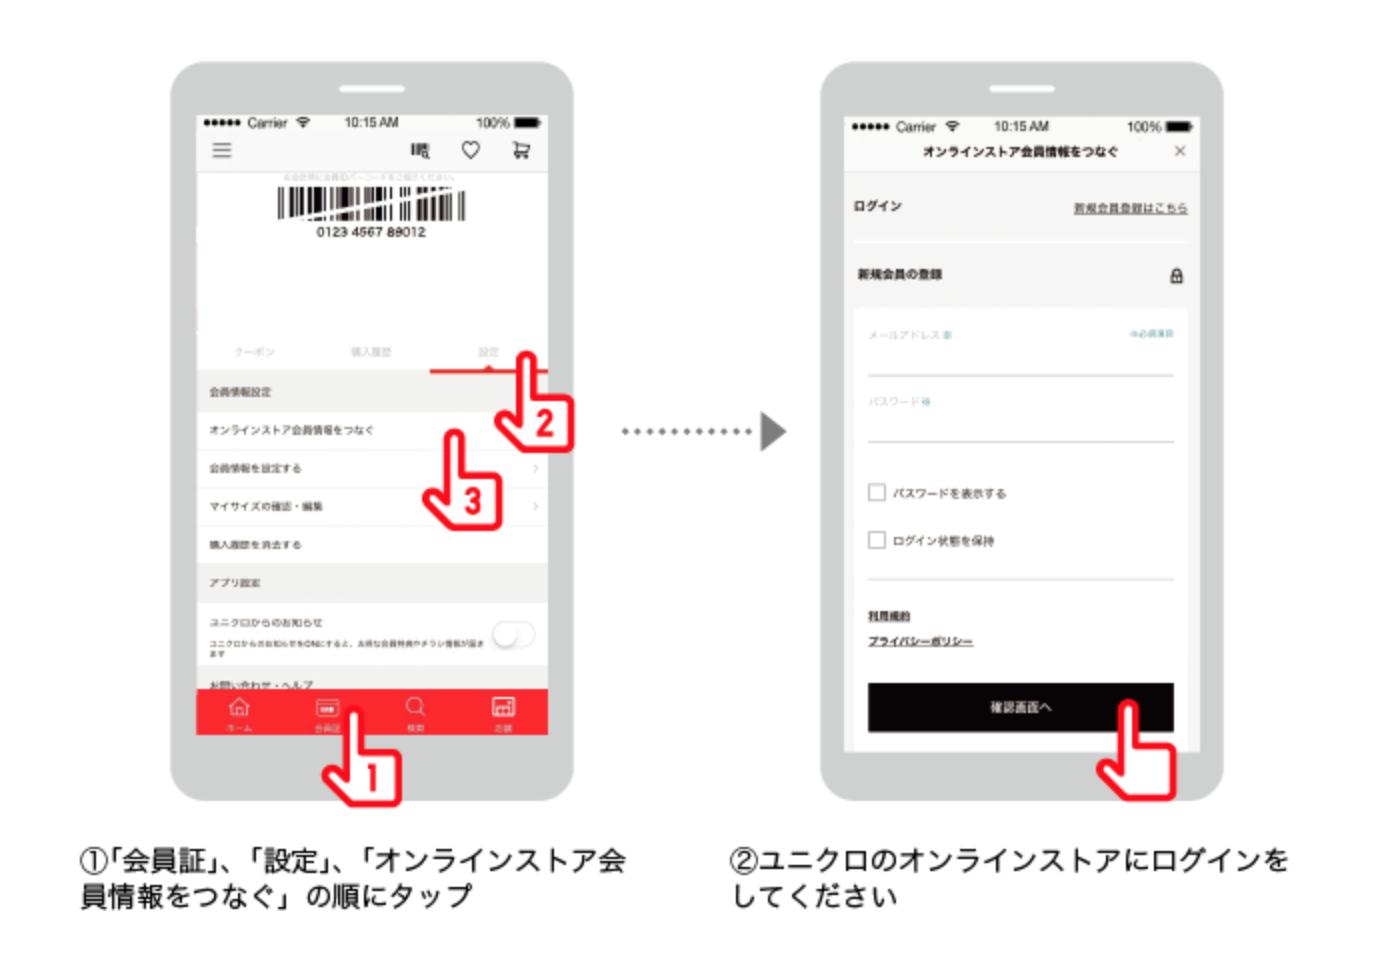 アプリ上でUNIQLOオンラインストアのアカウントにログイン。アカウントが紐づけされる。